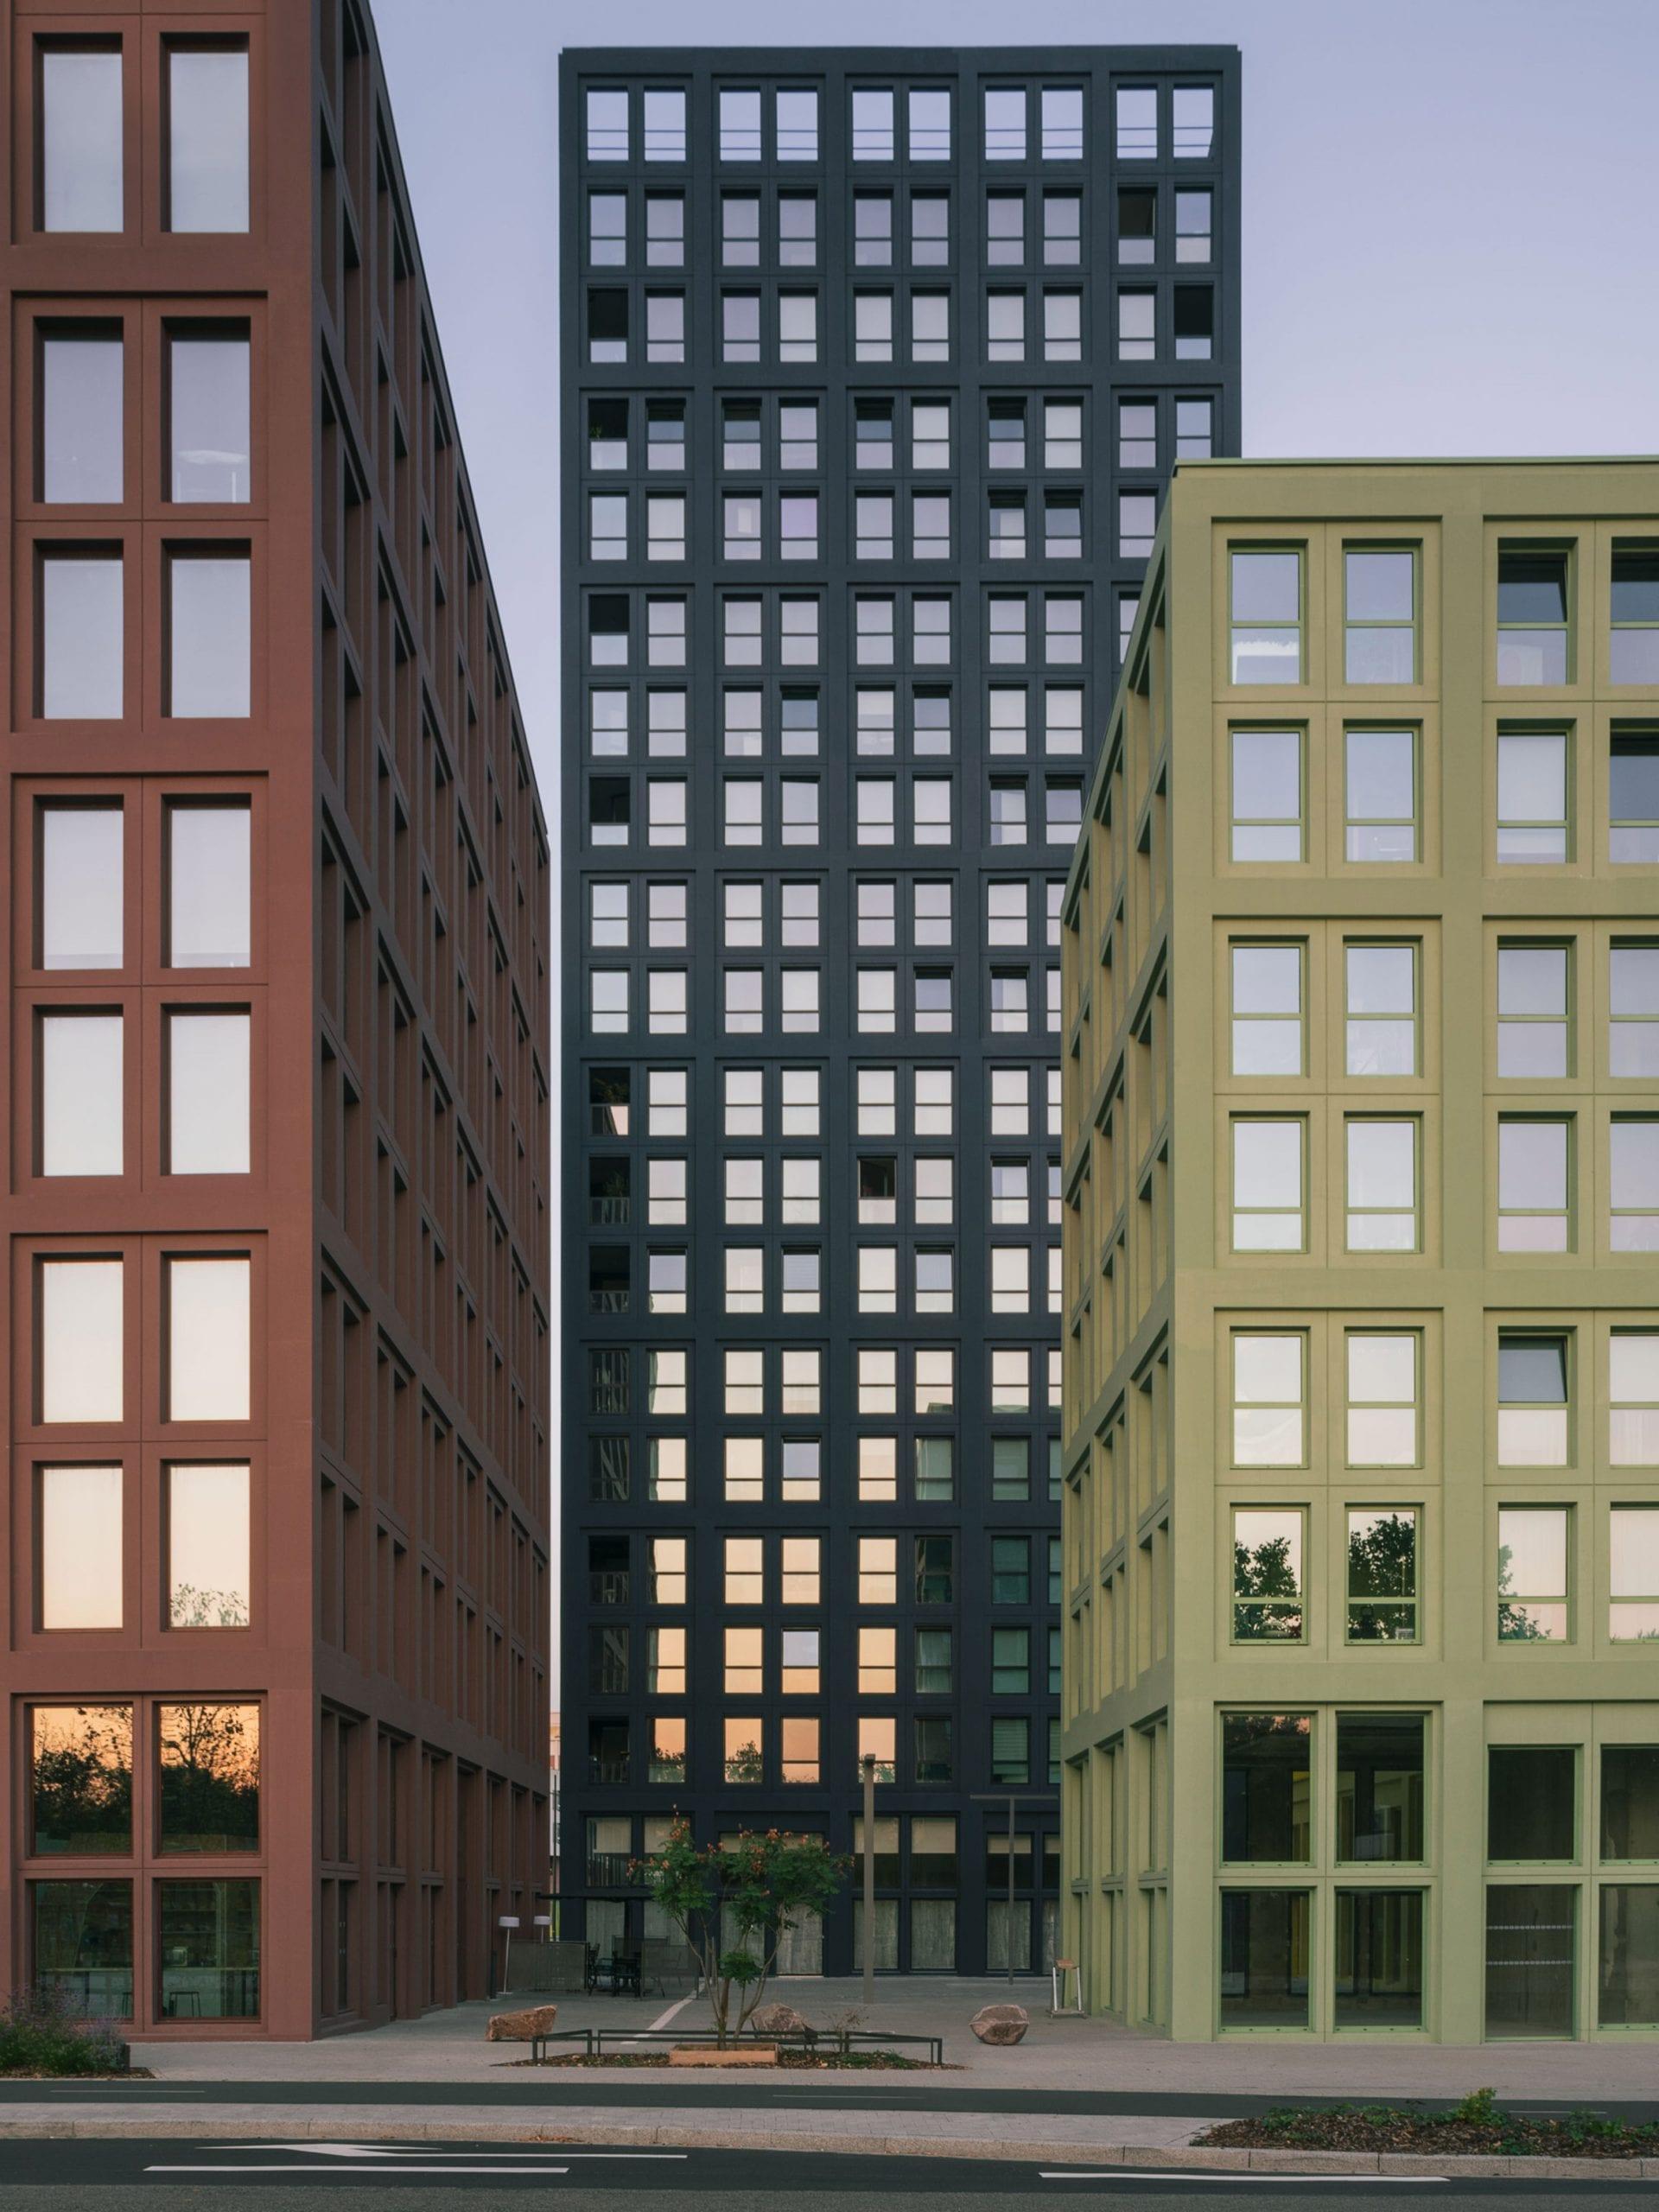 Windows on facades of Strasbourg development